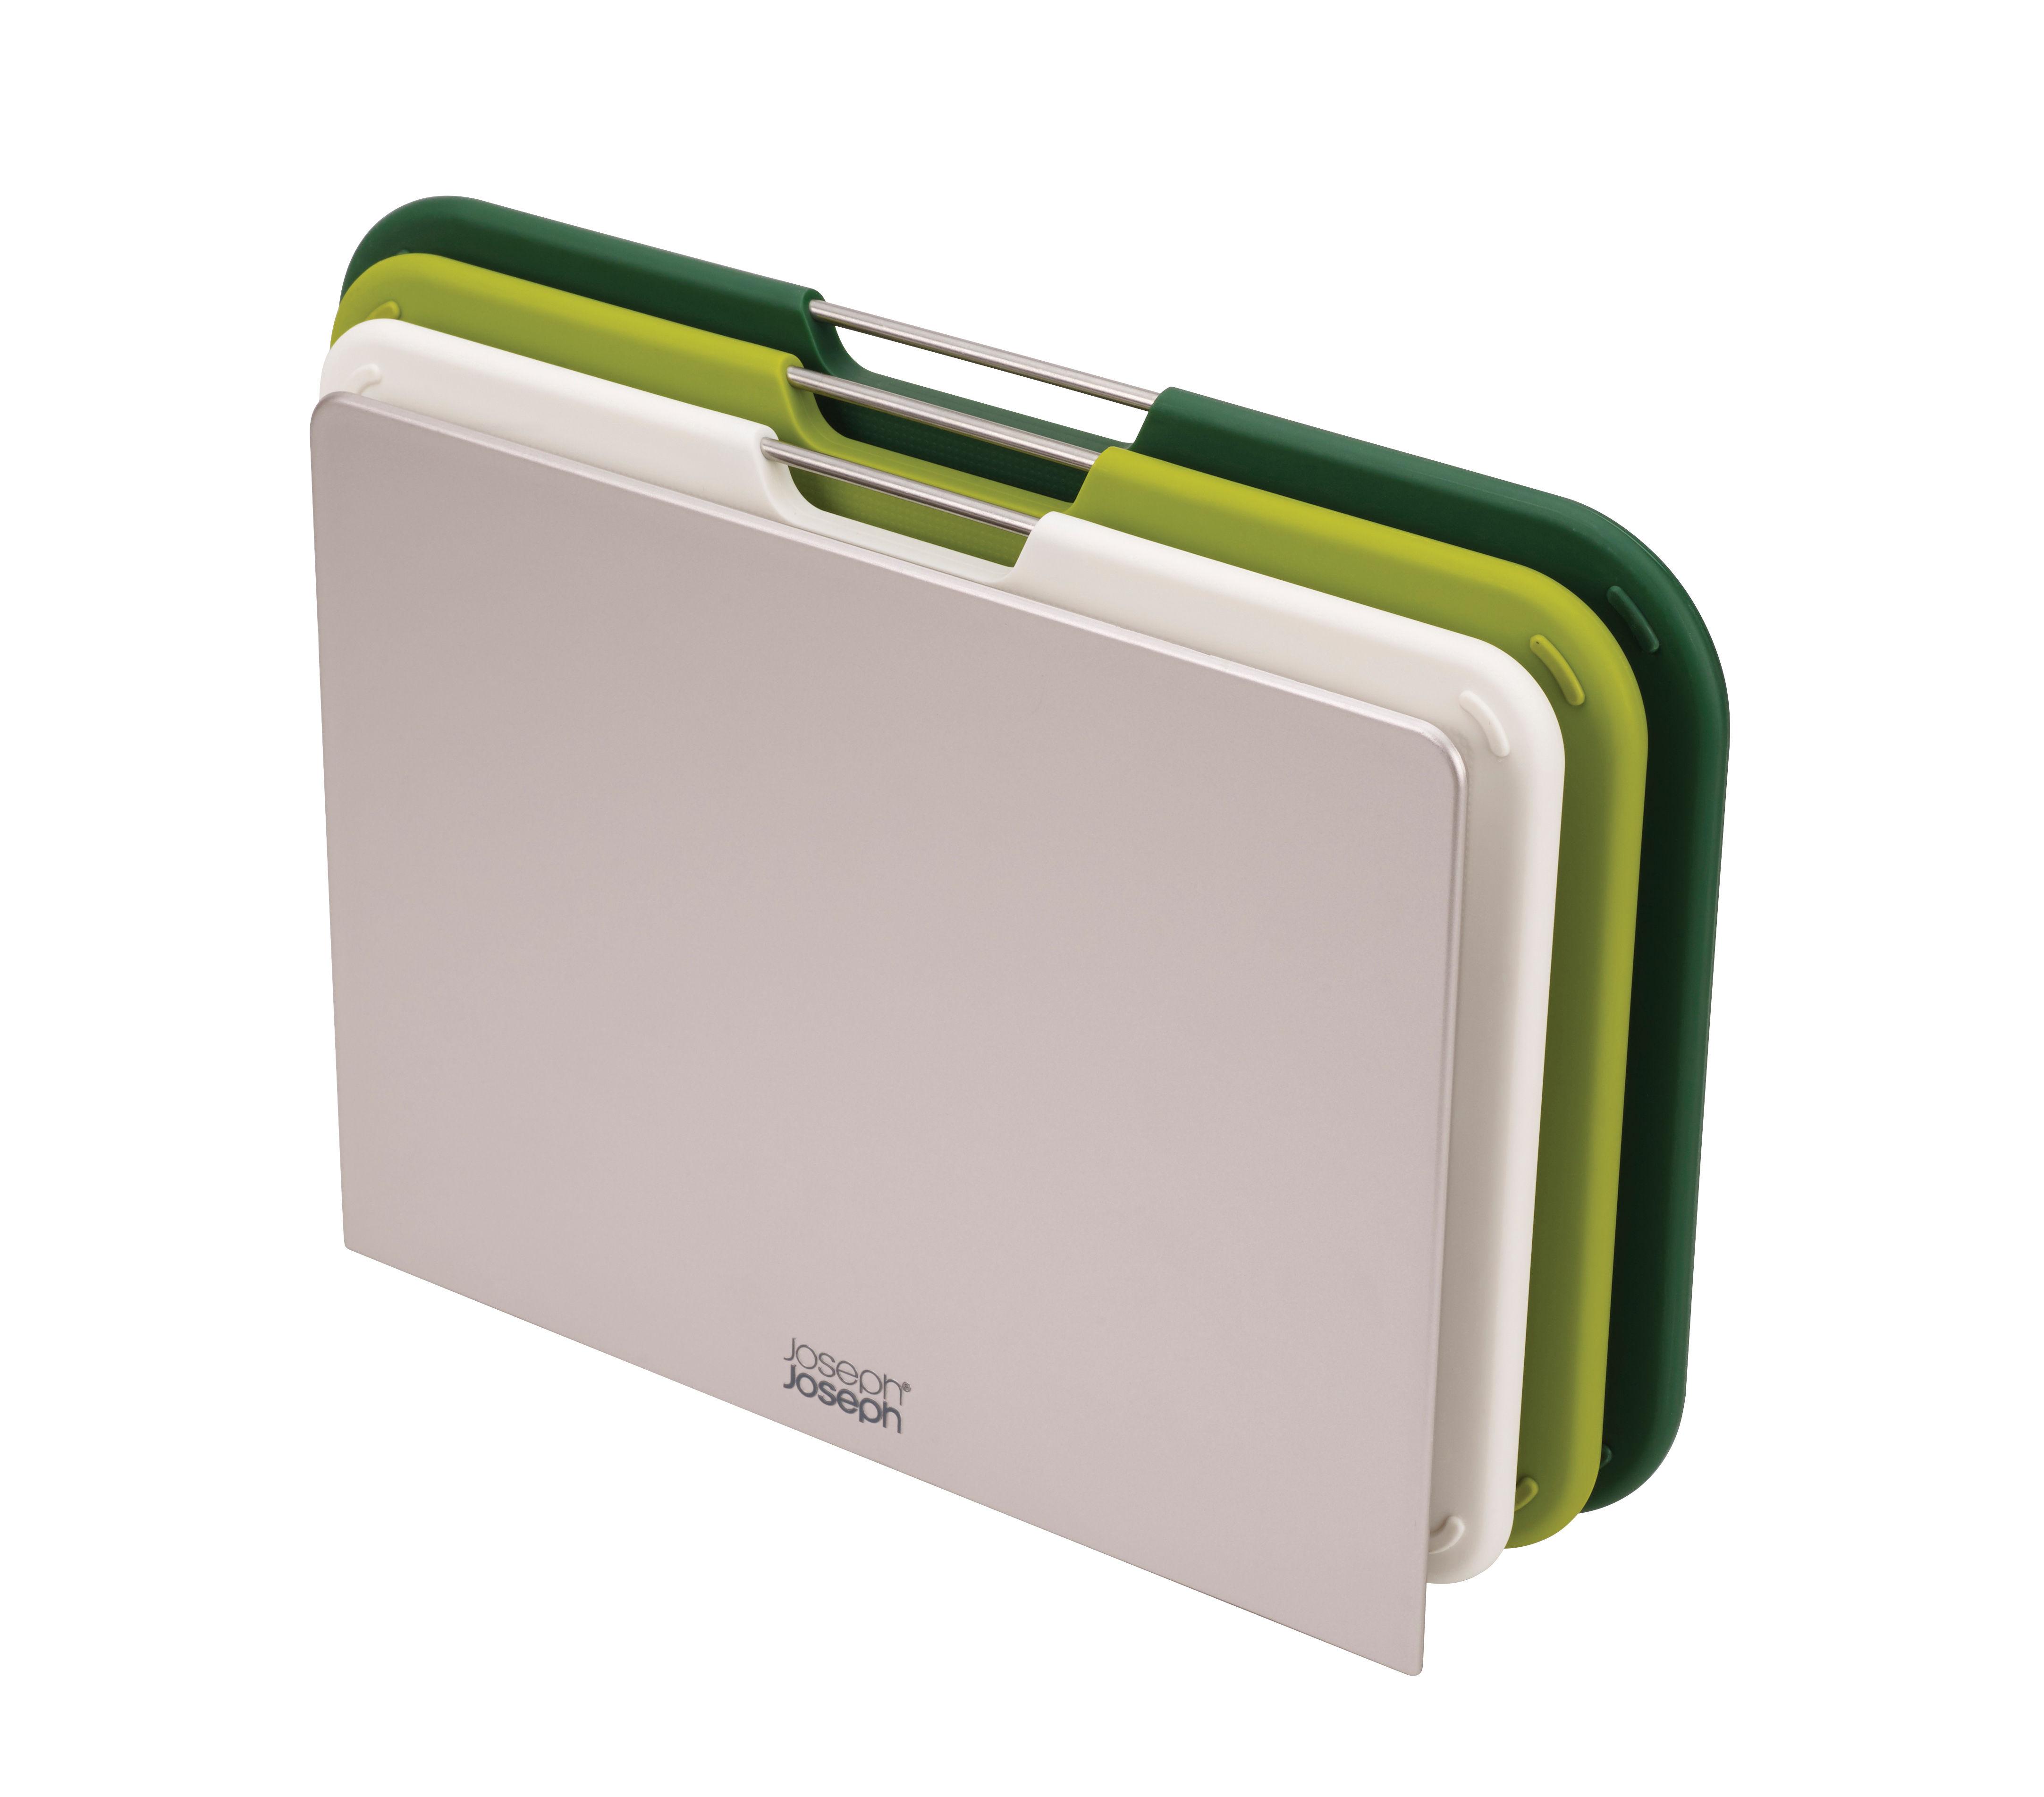 Cuisine - Ustensiles de cuisines - Planche à découper Nest Small / Set 3 planches + support - Joseph Joseph - Vert - ABS, Acier, Polypropylène